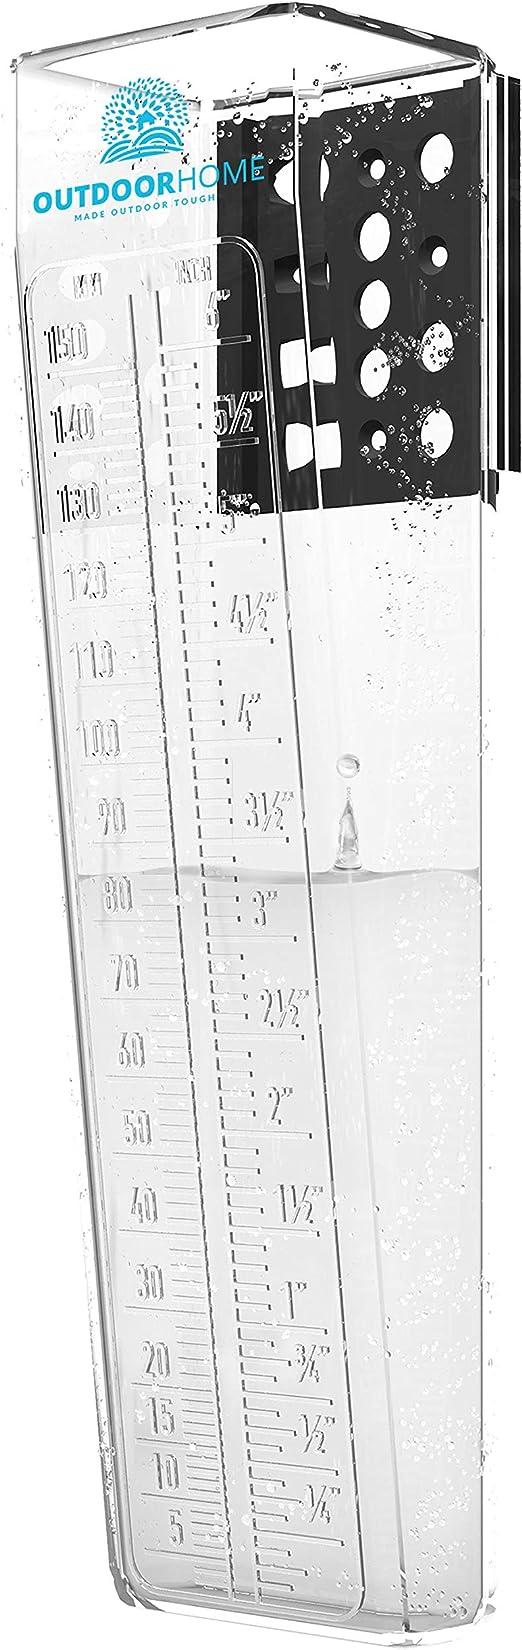 Pluviómetro 150mm Deluxe Heavy Duty Professional - Pluviómetro con escala de fácil lectura. El Pluviómetro para su Jardín y Patio. Perfecto para exteriores: Amazon.es: Jardín